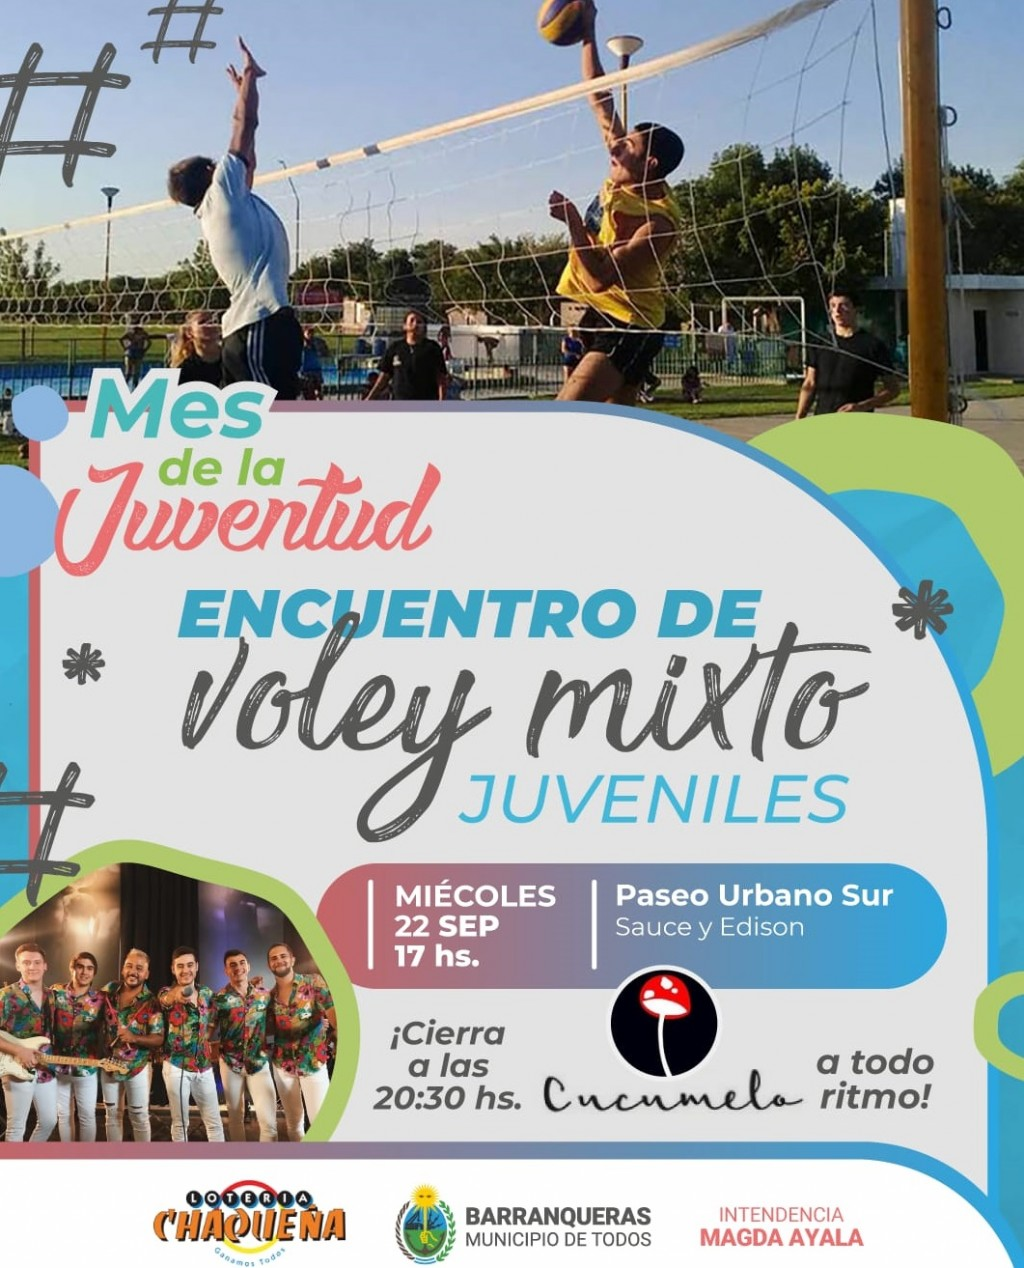 Barranqueras:  encuentro de voley y banda en vivo por el Mes de la Juventud